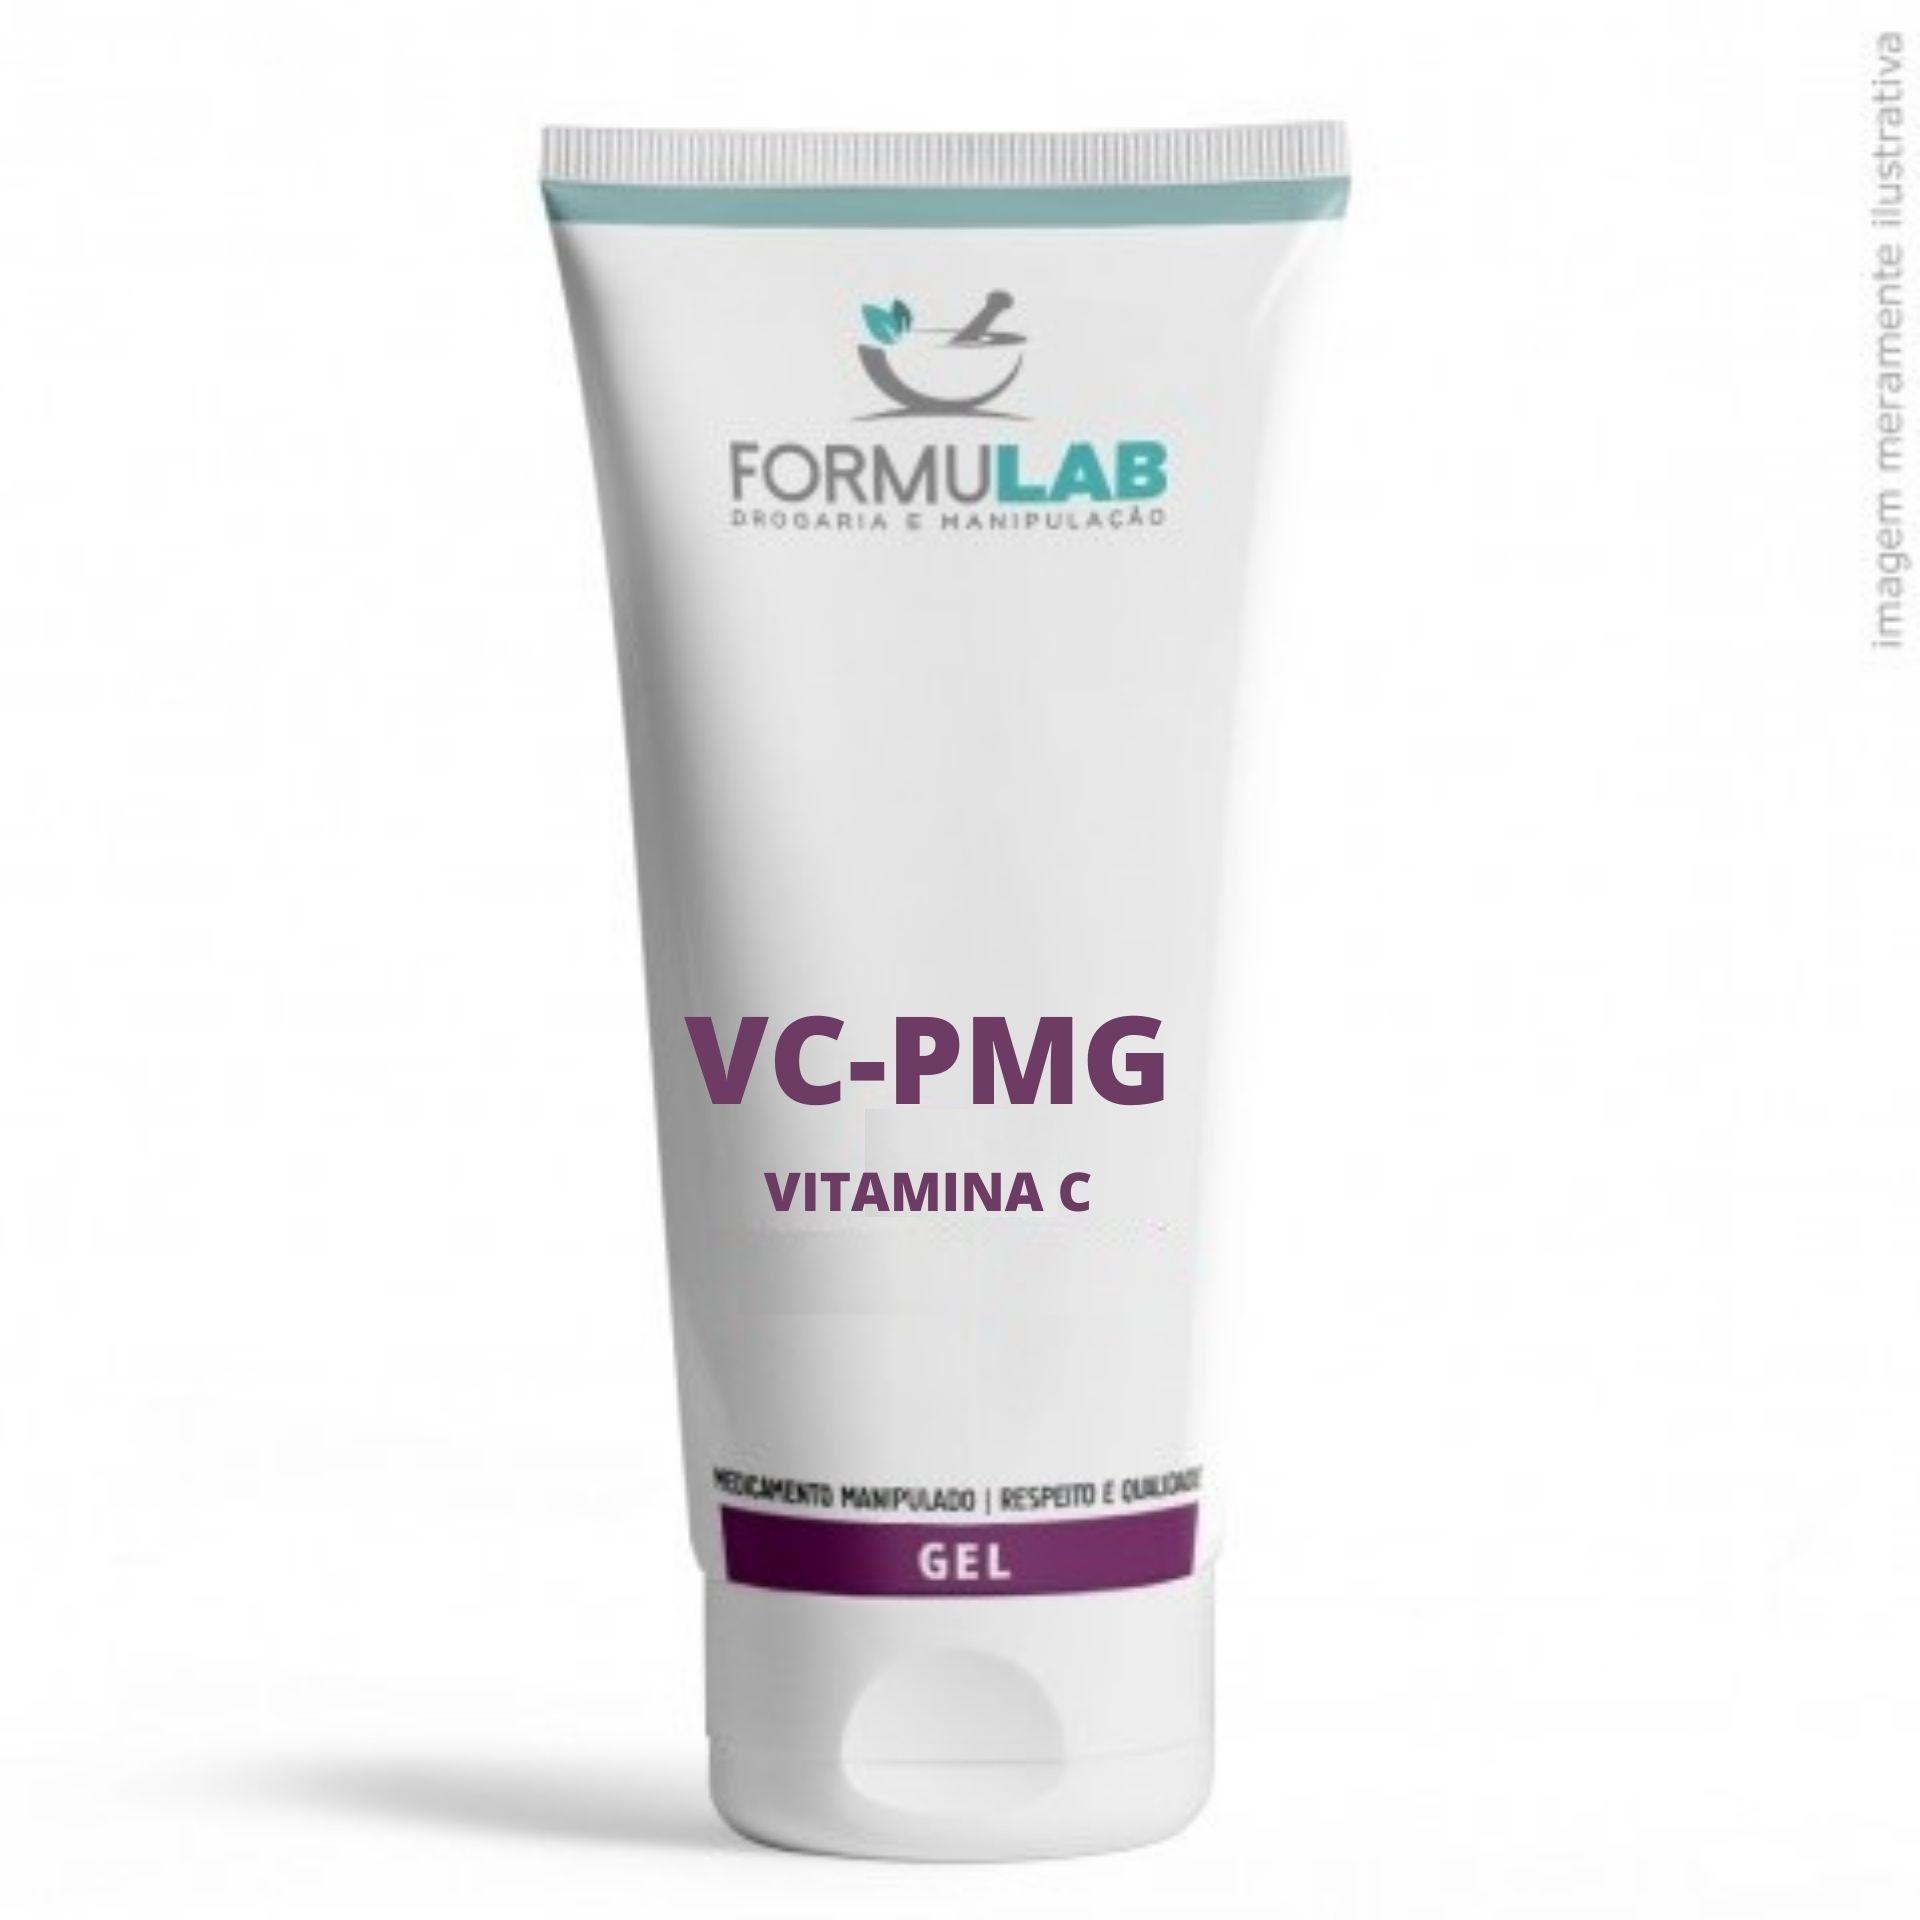 Vitamina C 3% (VC-PMG) - Gel Creme Oil Free 60 gramas